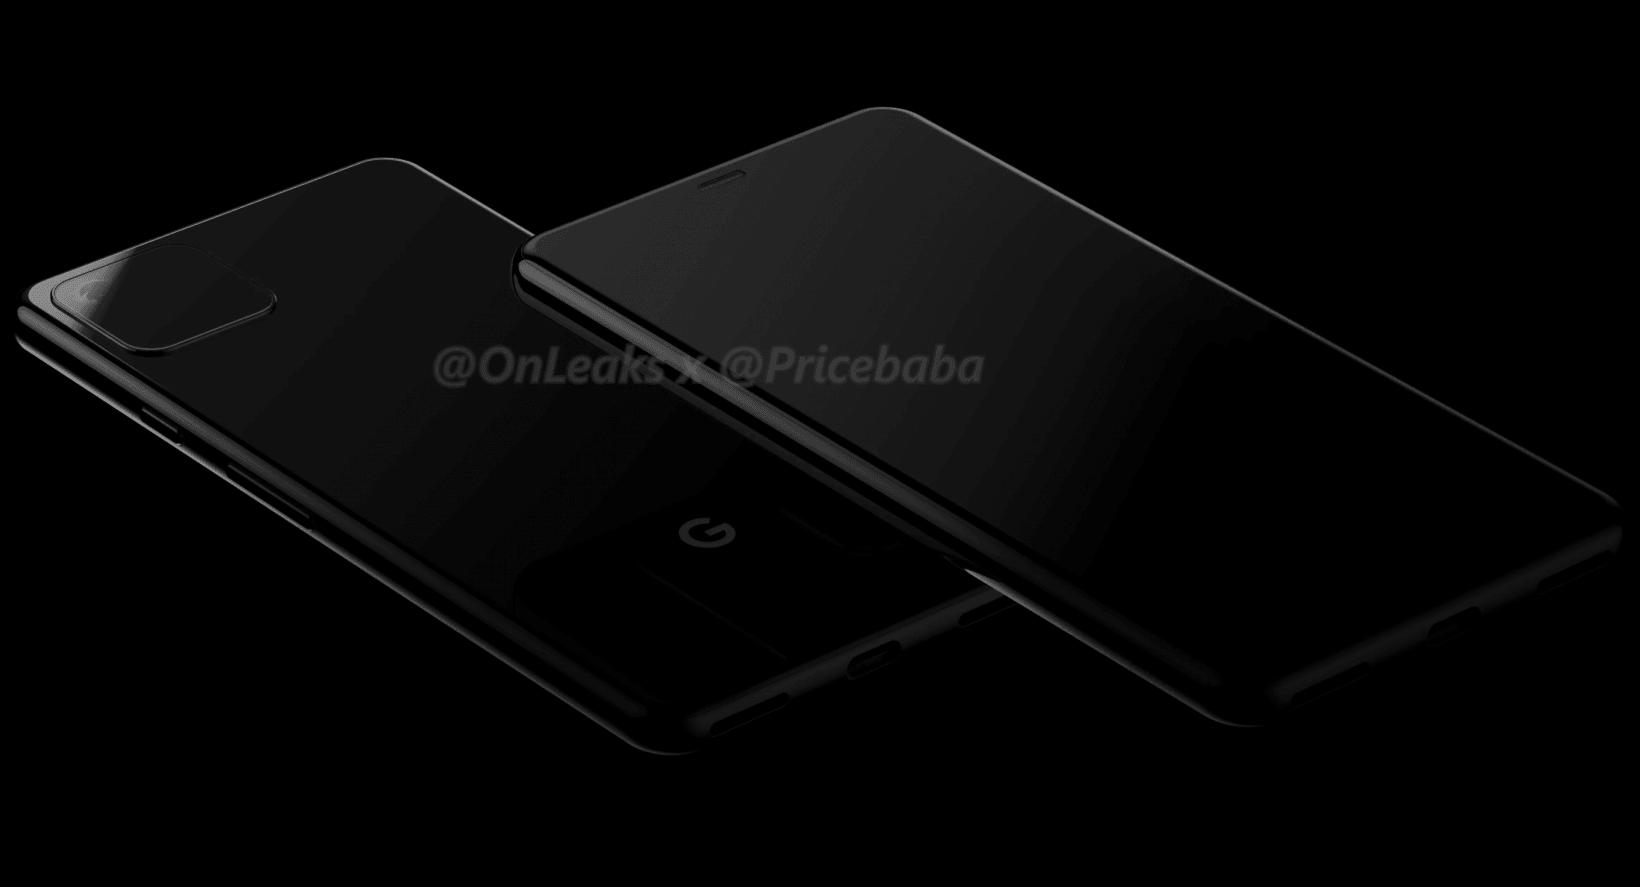 Leak: Pixel 4 renders suggest Google is finally using multiple cameras